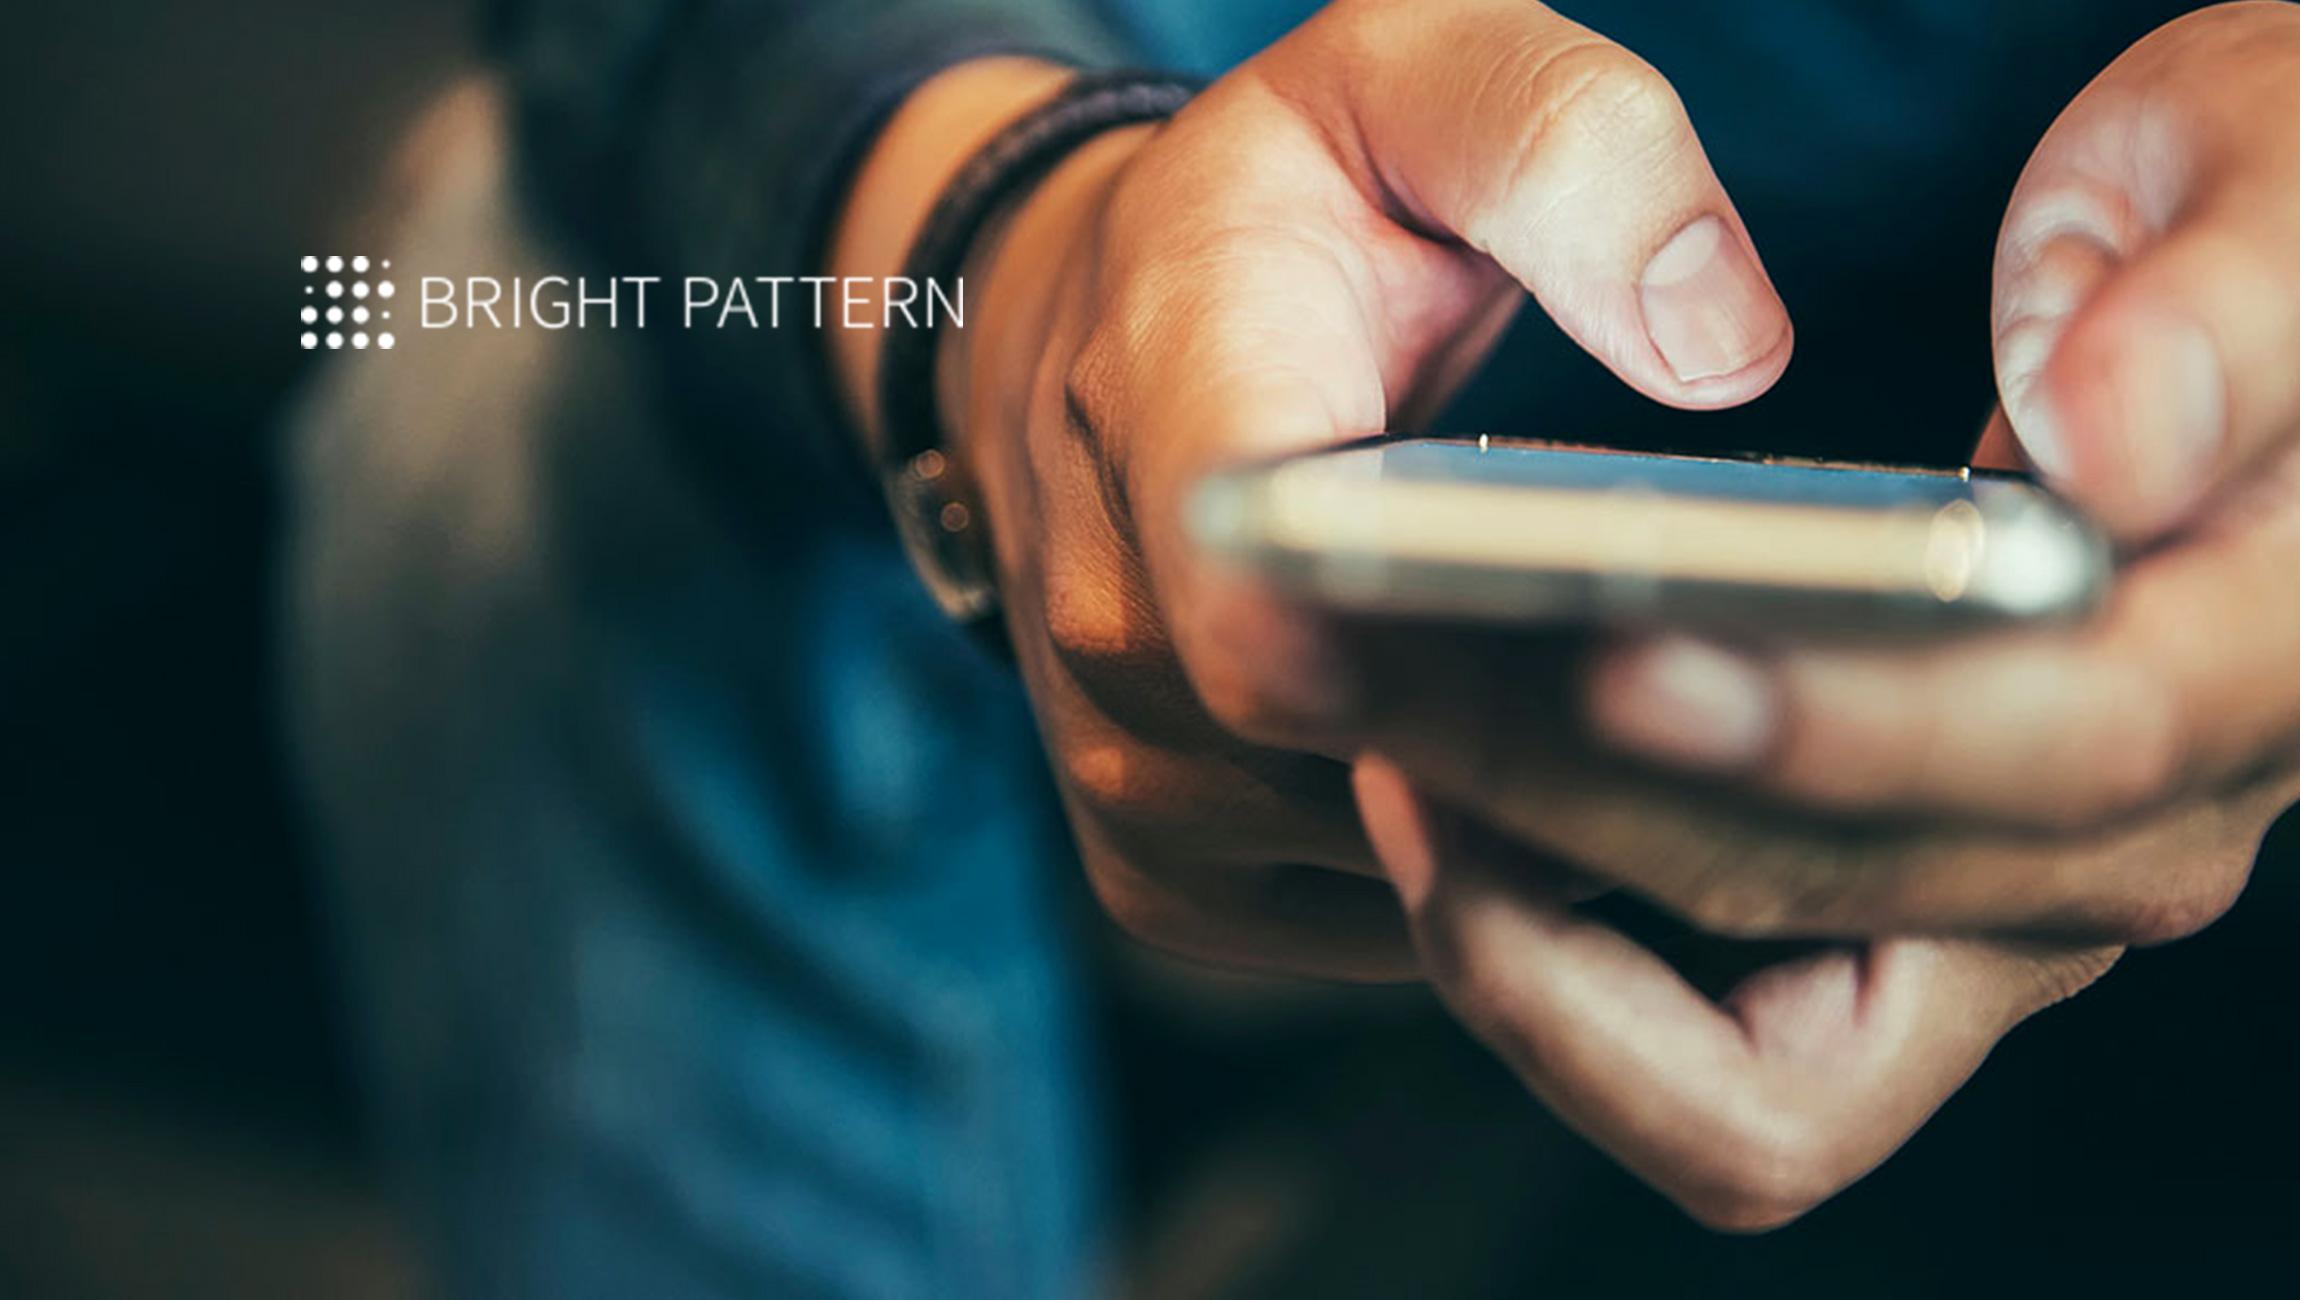 Gartner's Software Advice Names Bright Pattern FrontRunner for Call Center Software